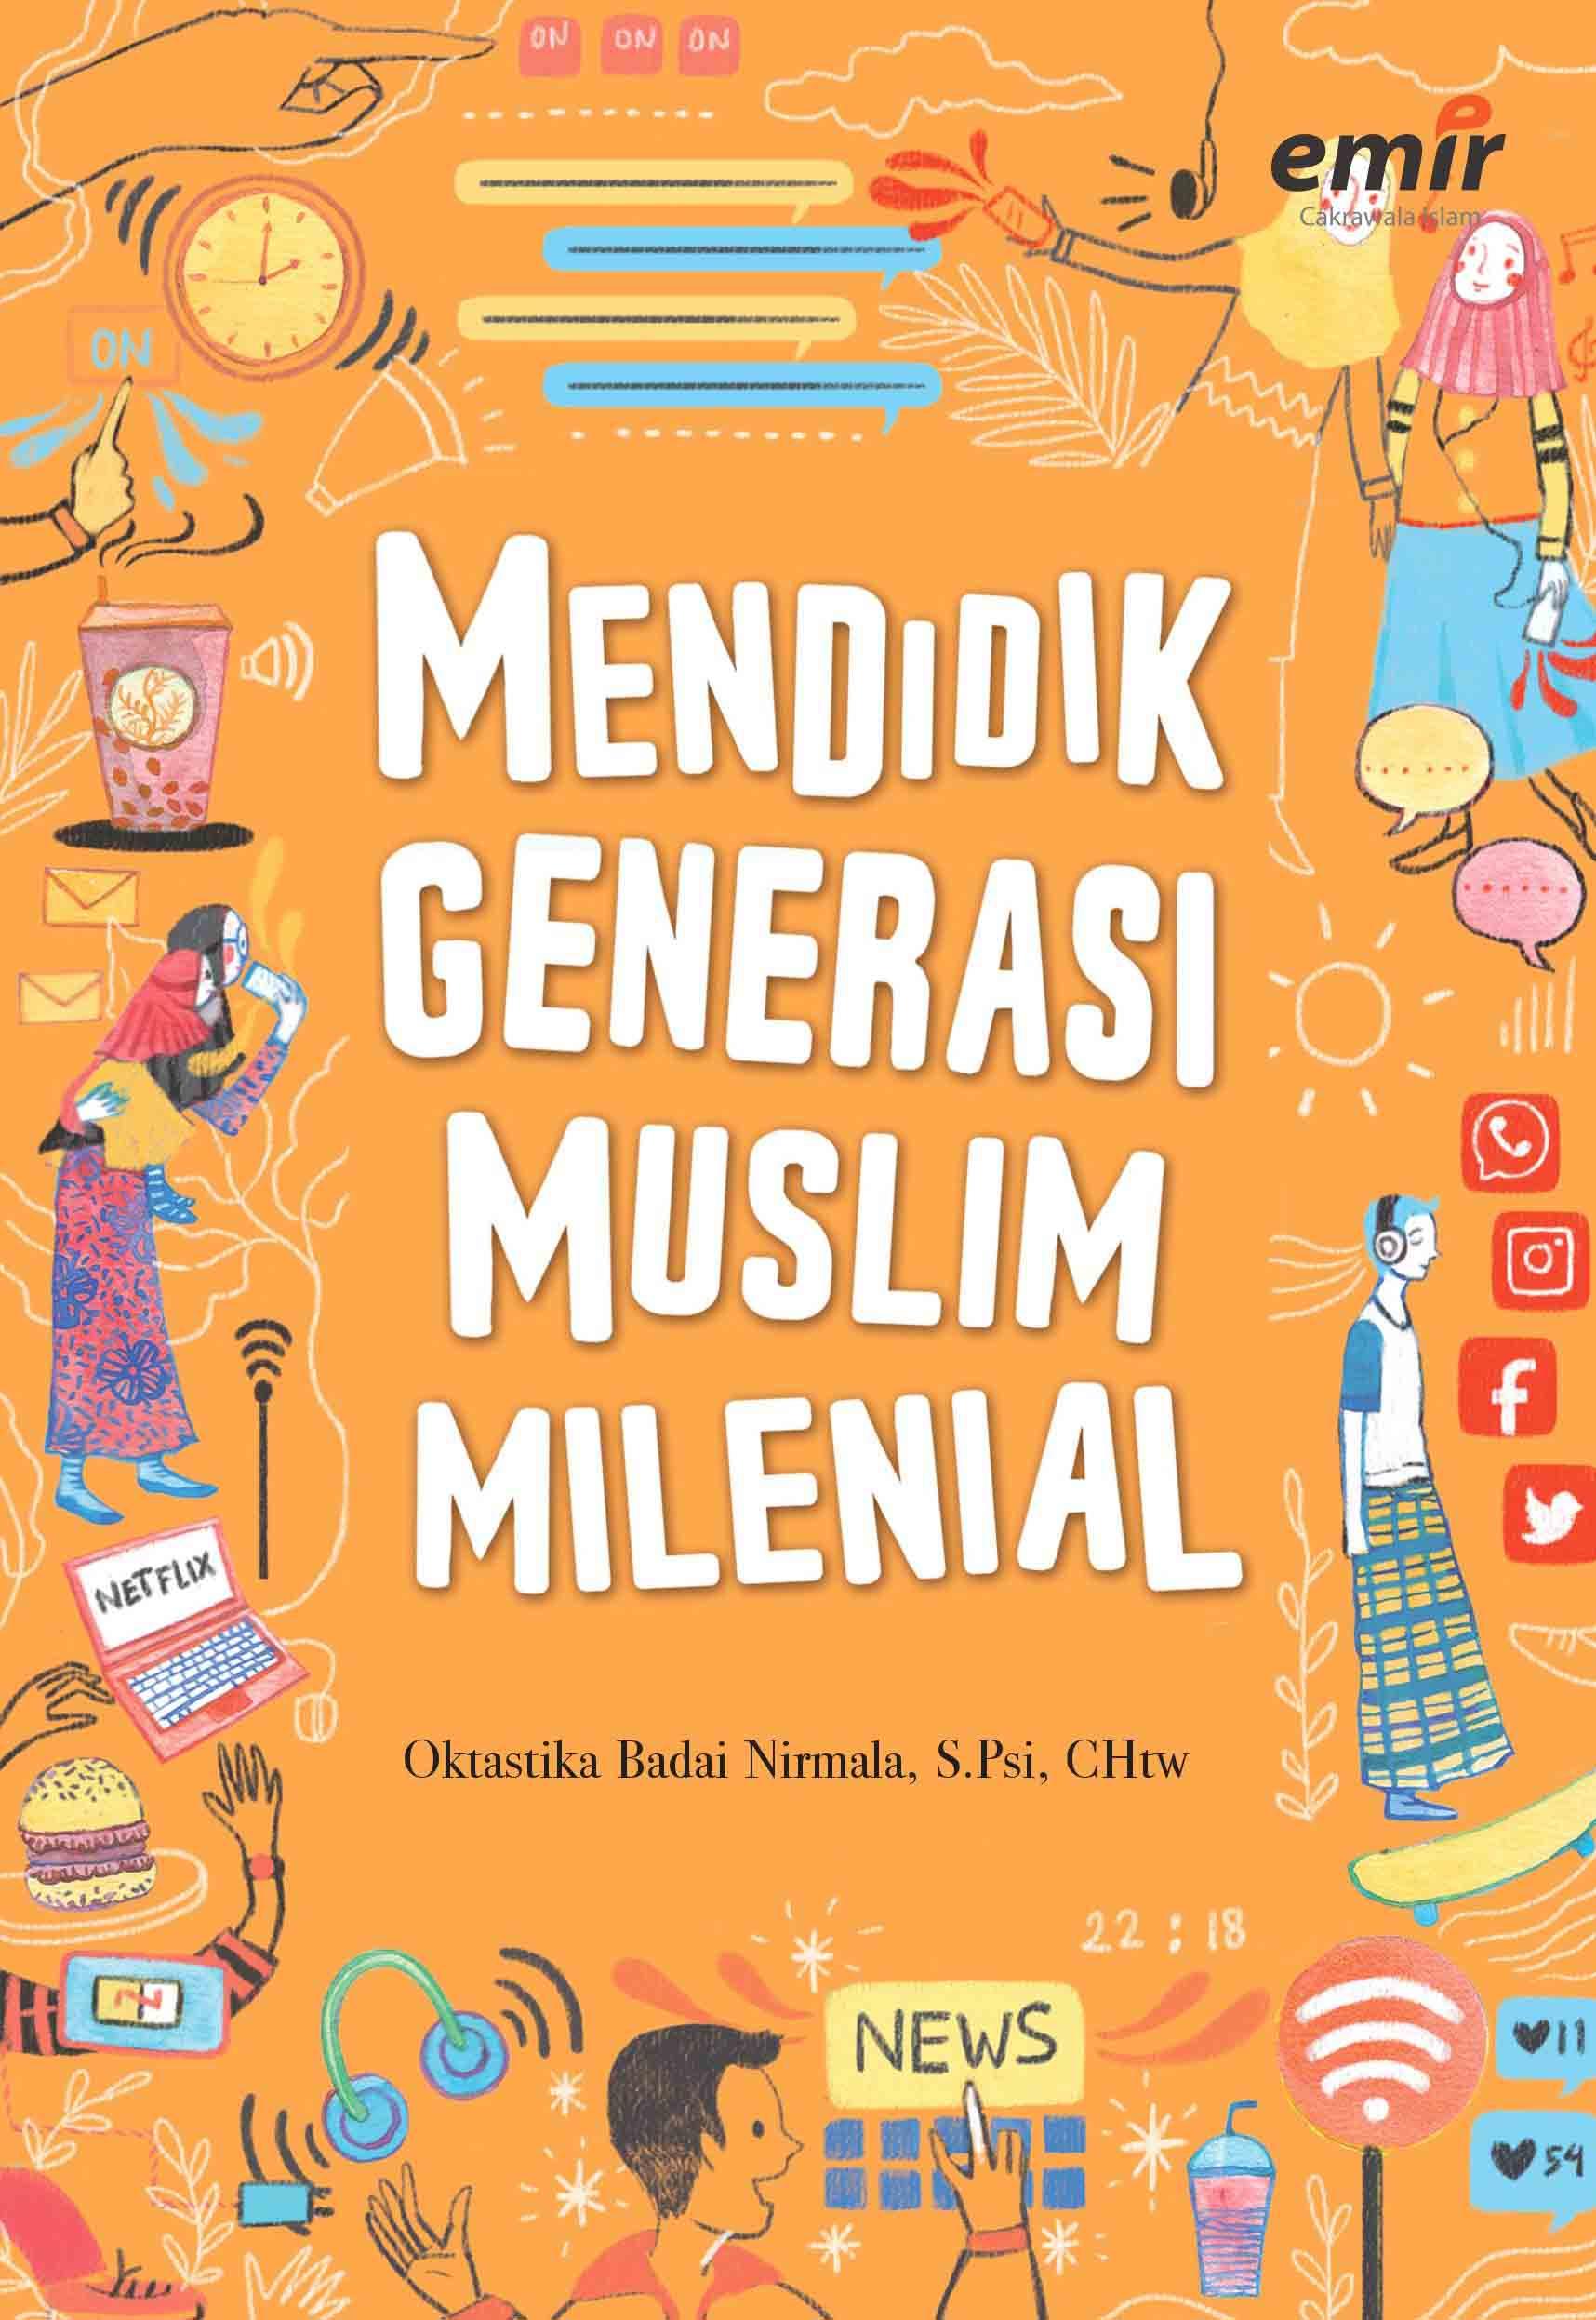 Mendidik Generasi Muslim Milenial